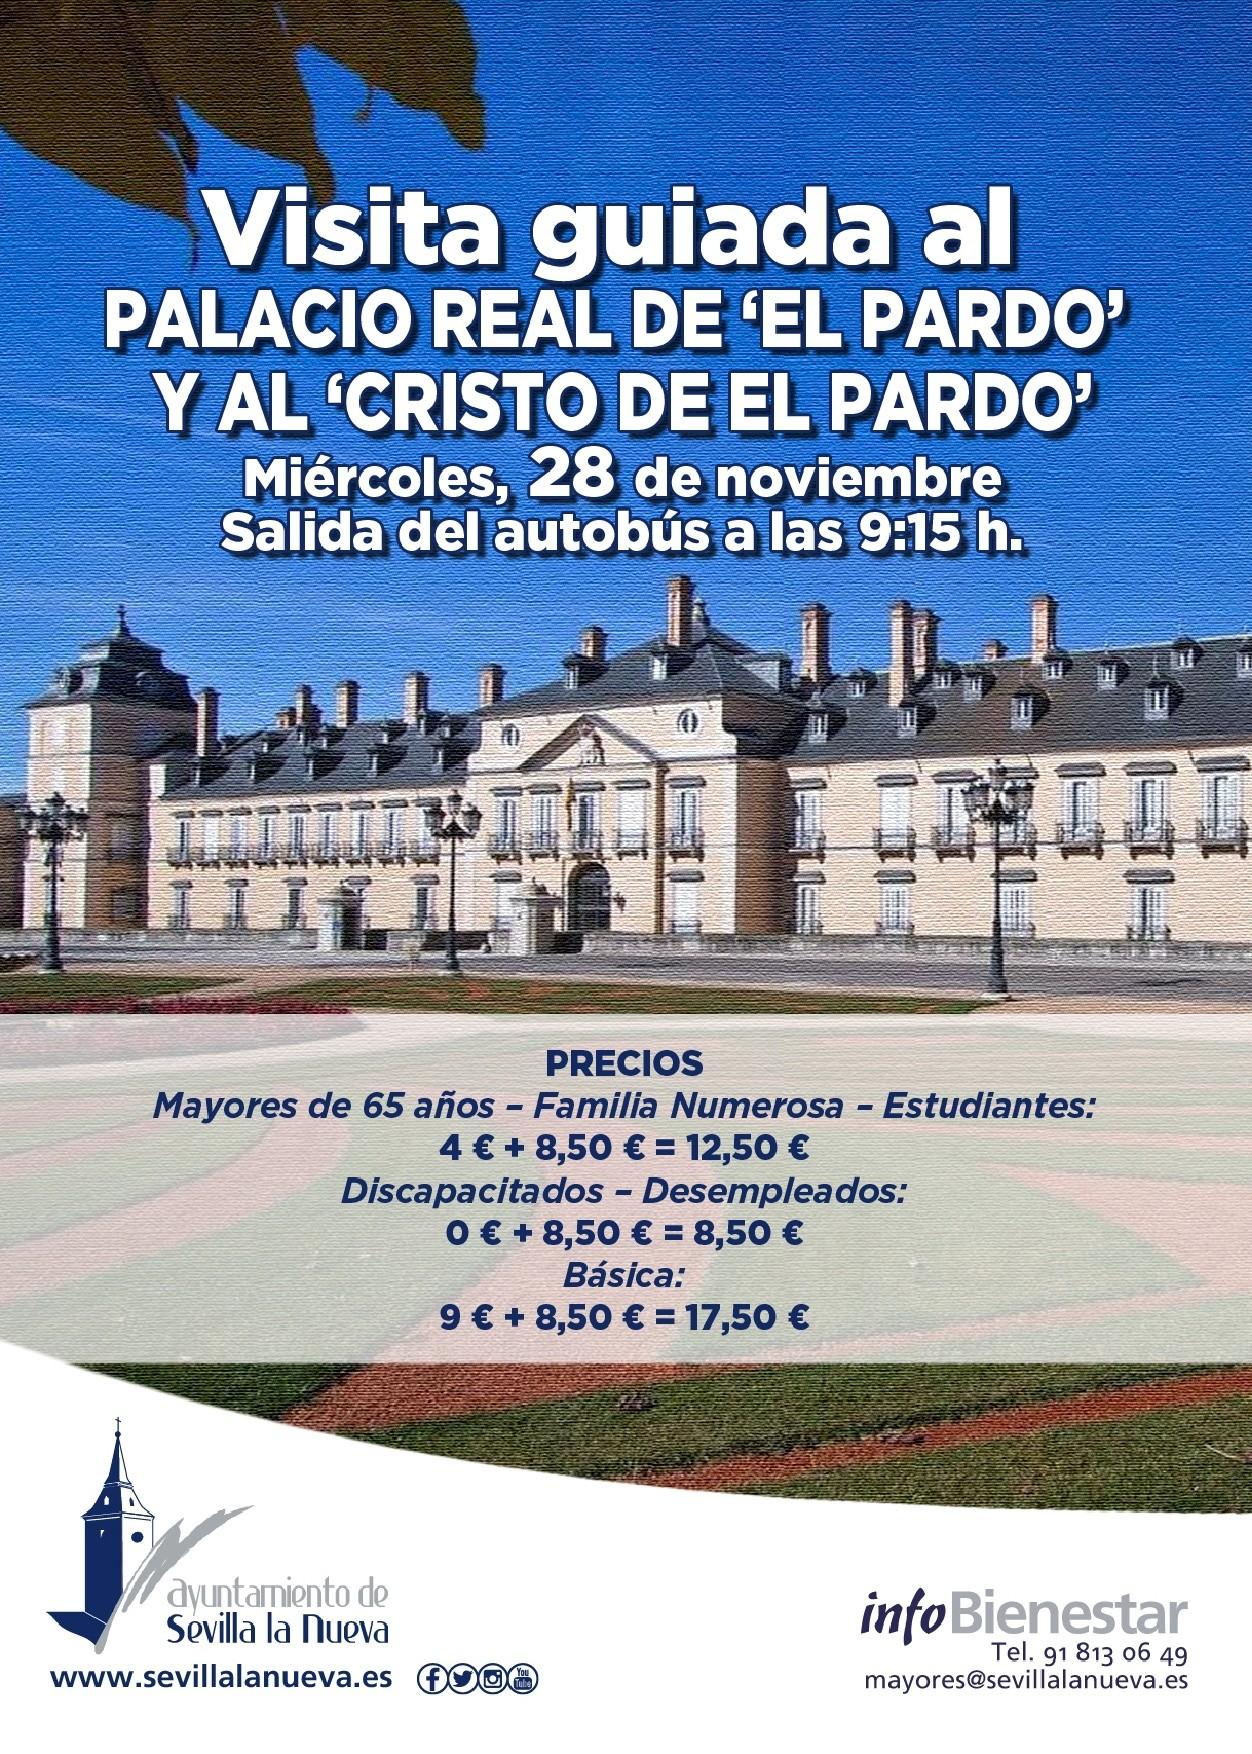 Visita guiada Palacio de El Pardo Palacio de El Pardo